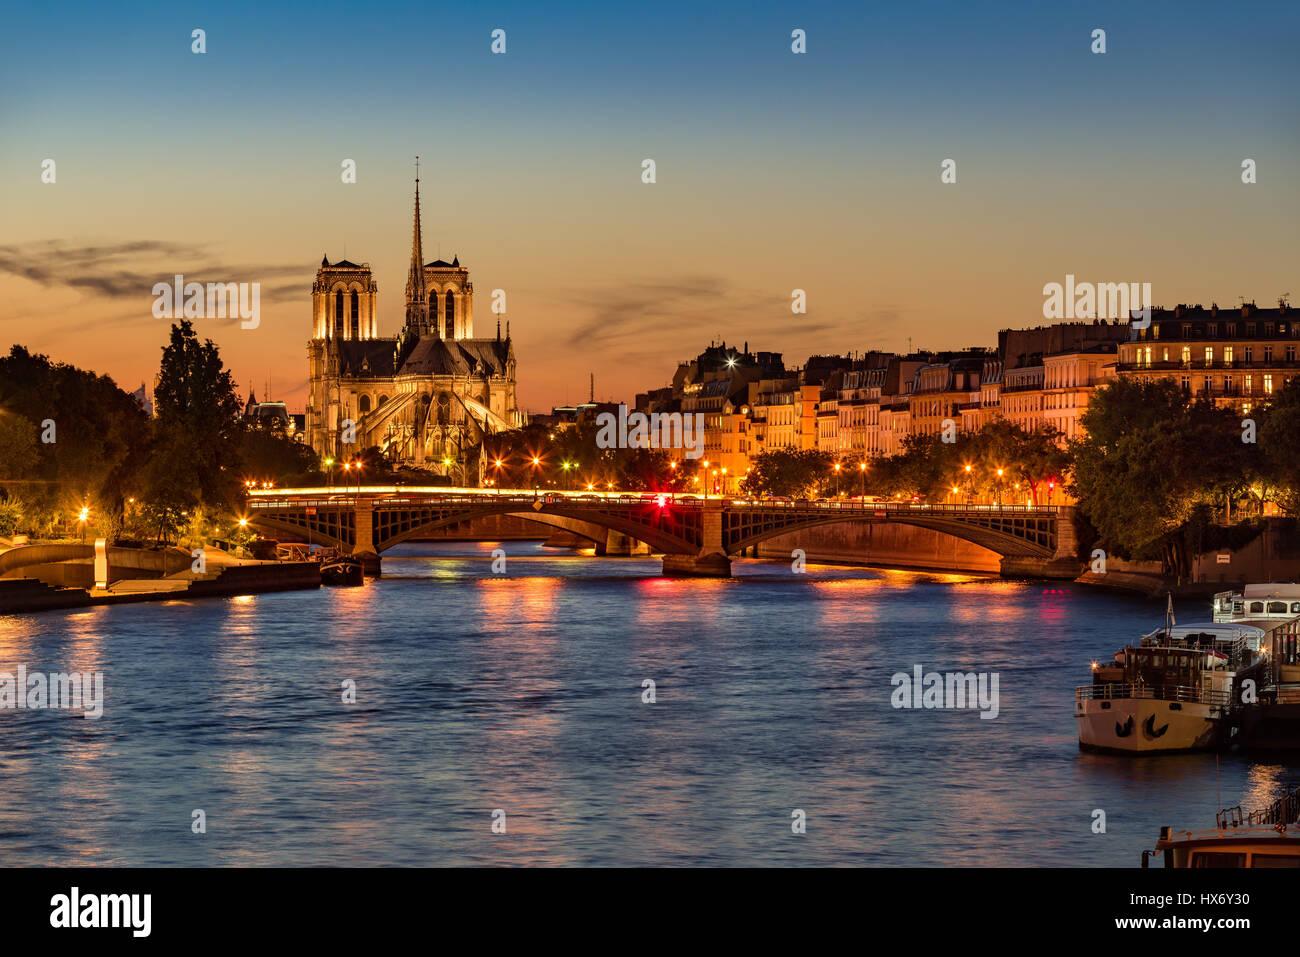 Catedral de Notre Dame, el Sena y la Ile Saint Louis en penumbra. Noche de verano con el puente de Sully y las luces Imagen De Stock